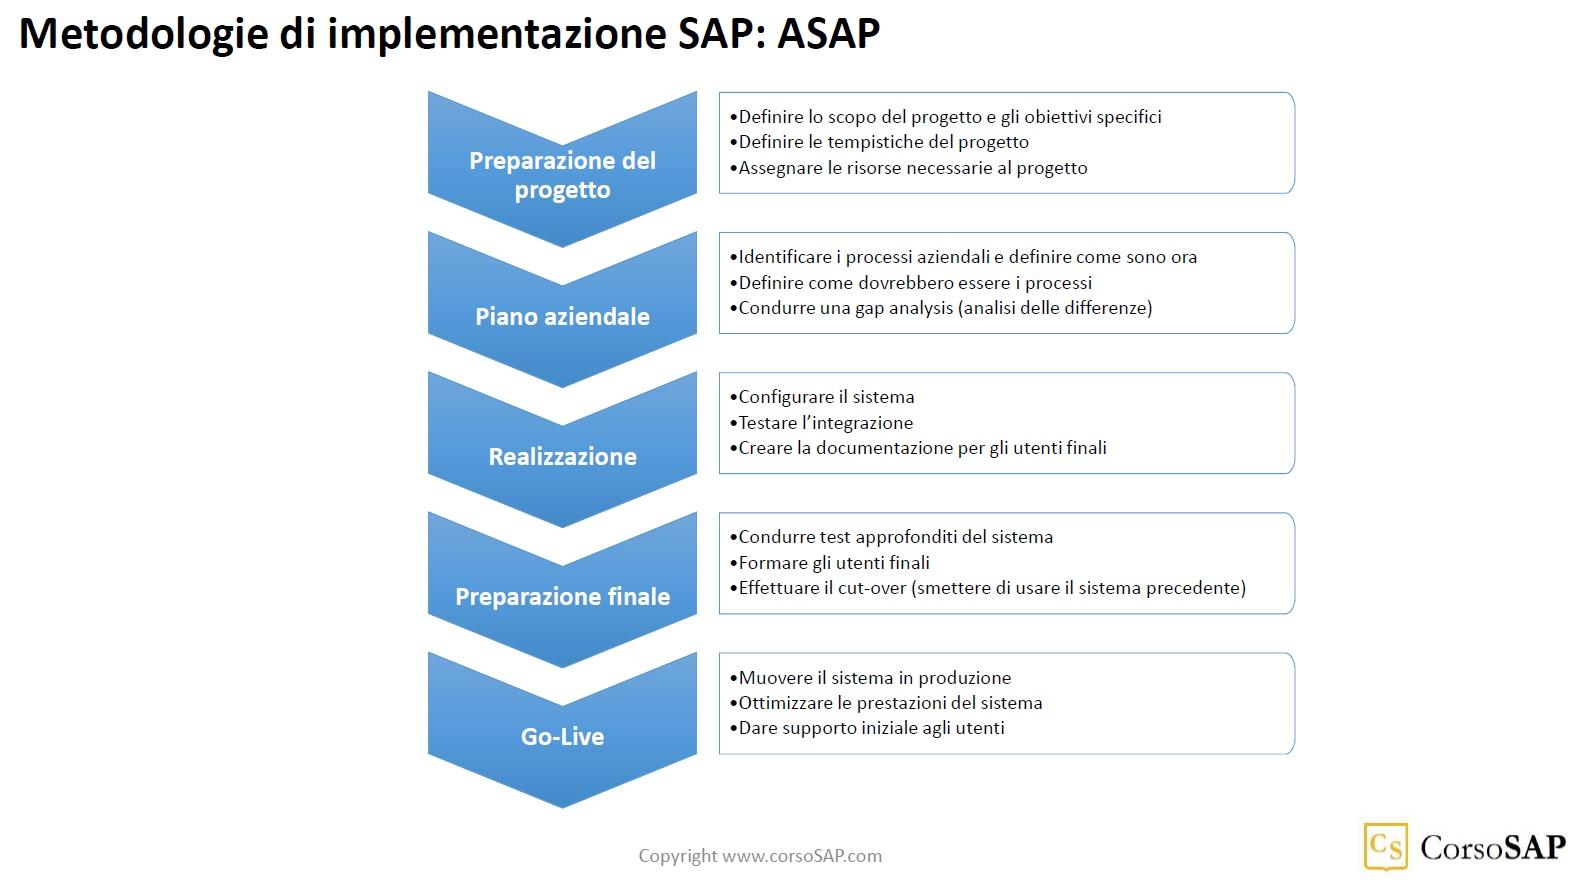 Metodologia ASAP per l'implementazione di SAP